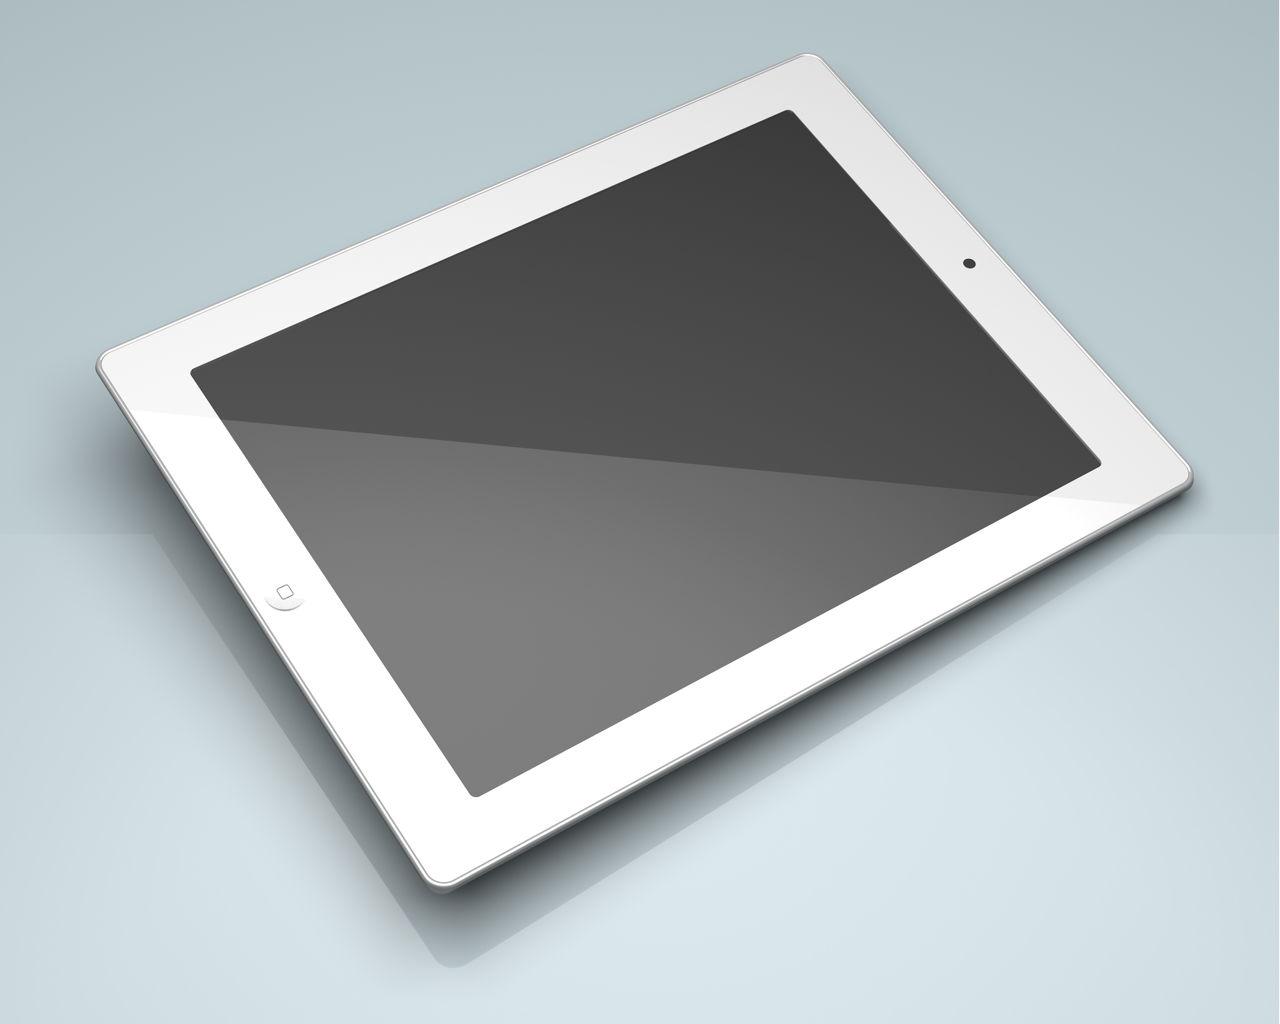 iPad 3G Vs. iPad Wi-Fi